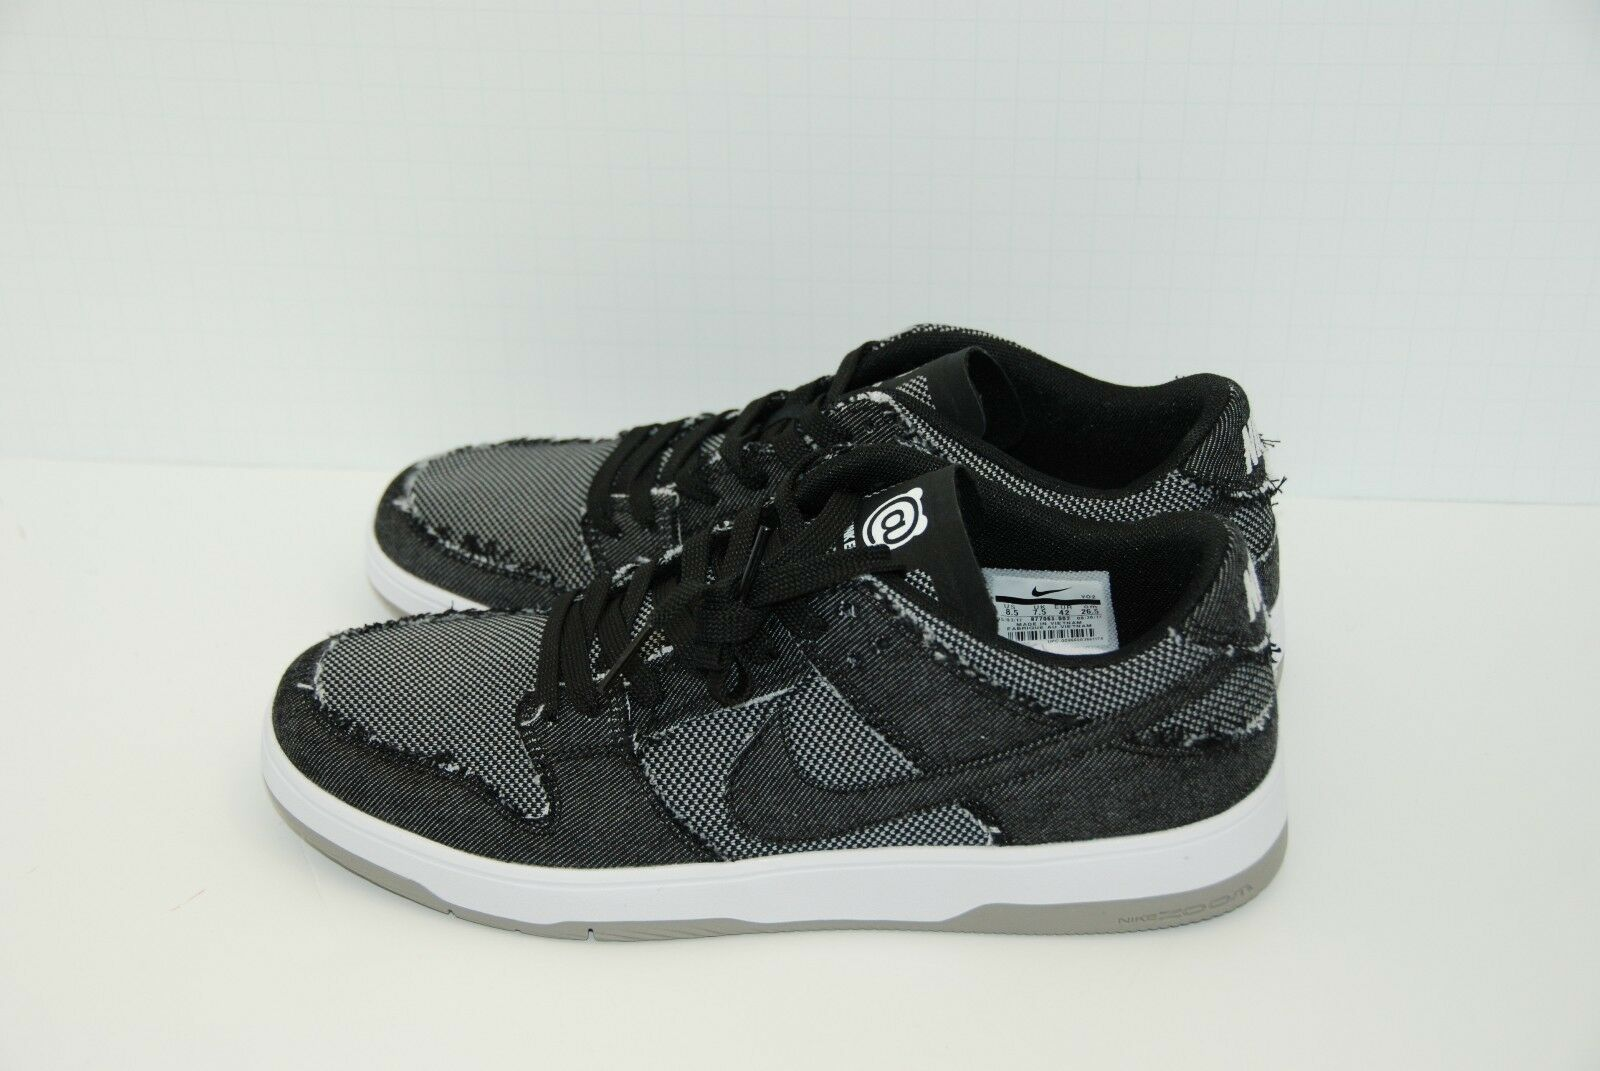 Nike Low SB Dunk Low Nike Elite x Medicom BE@RBRICK Bearbrick 877063-002 Size 8.5 US 44eb5e